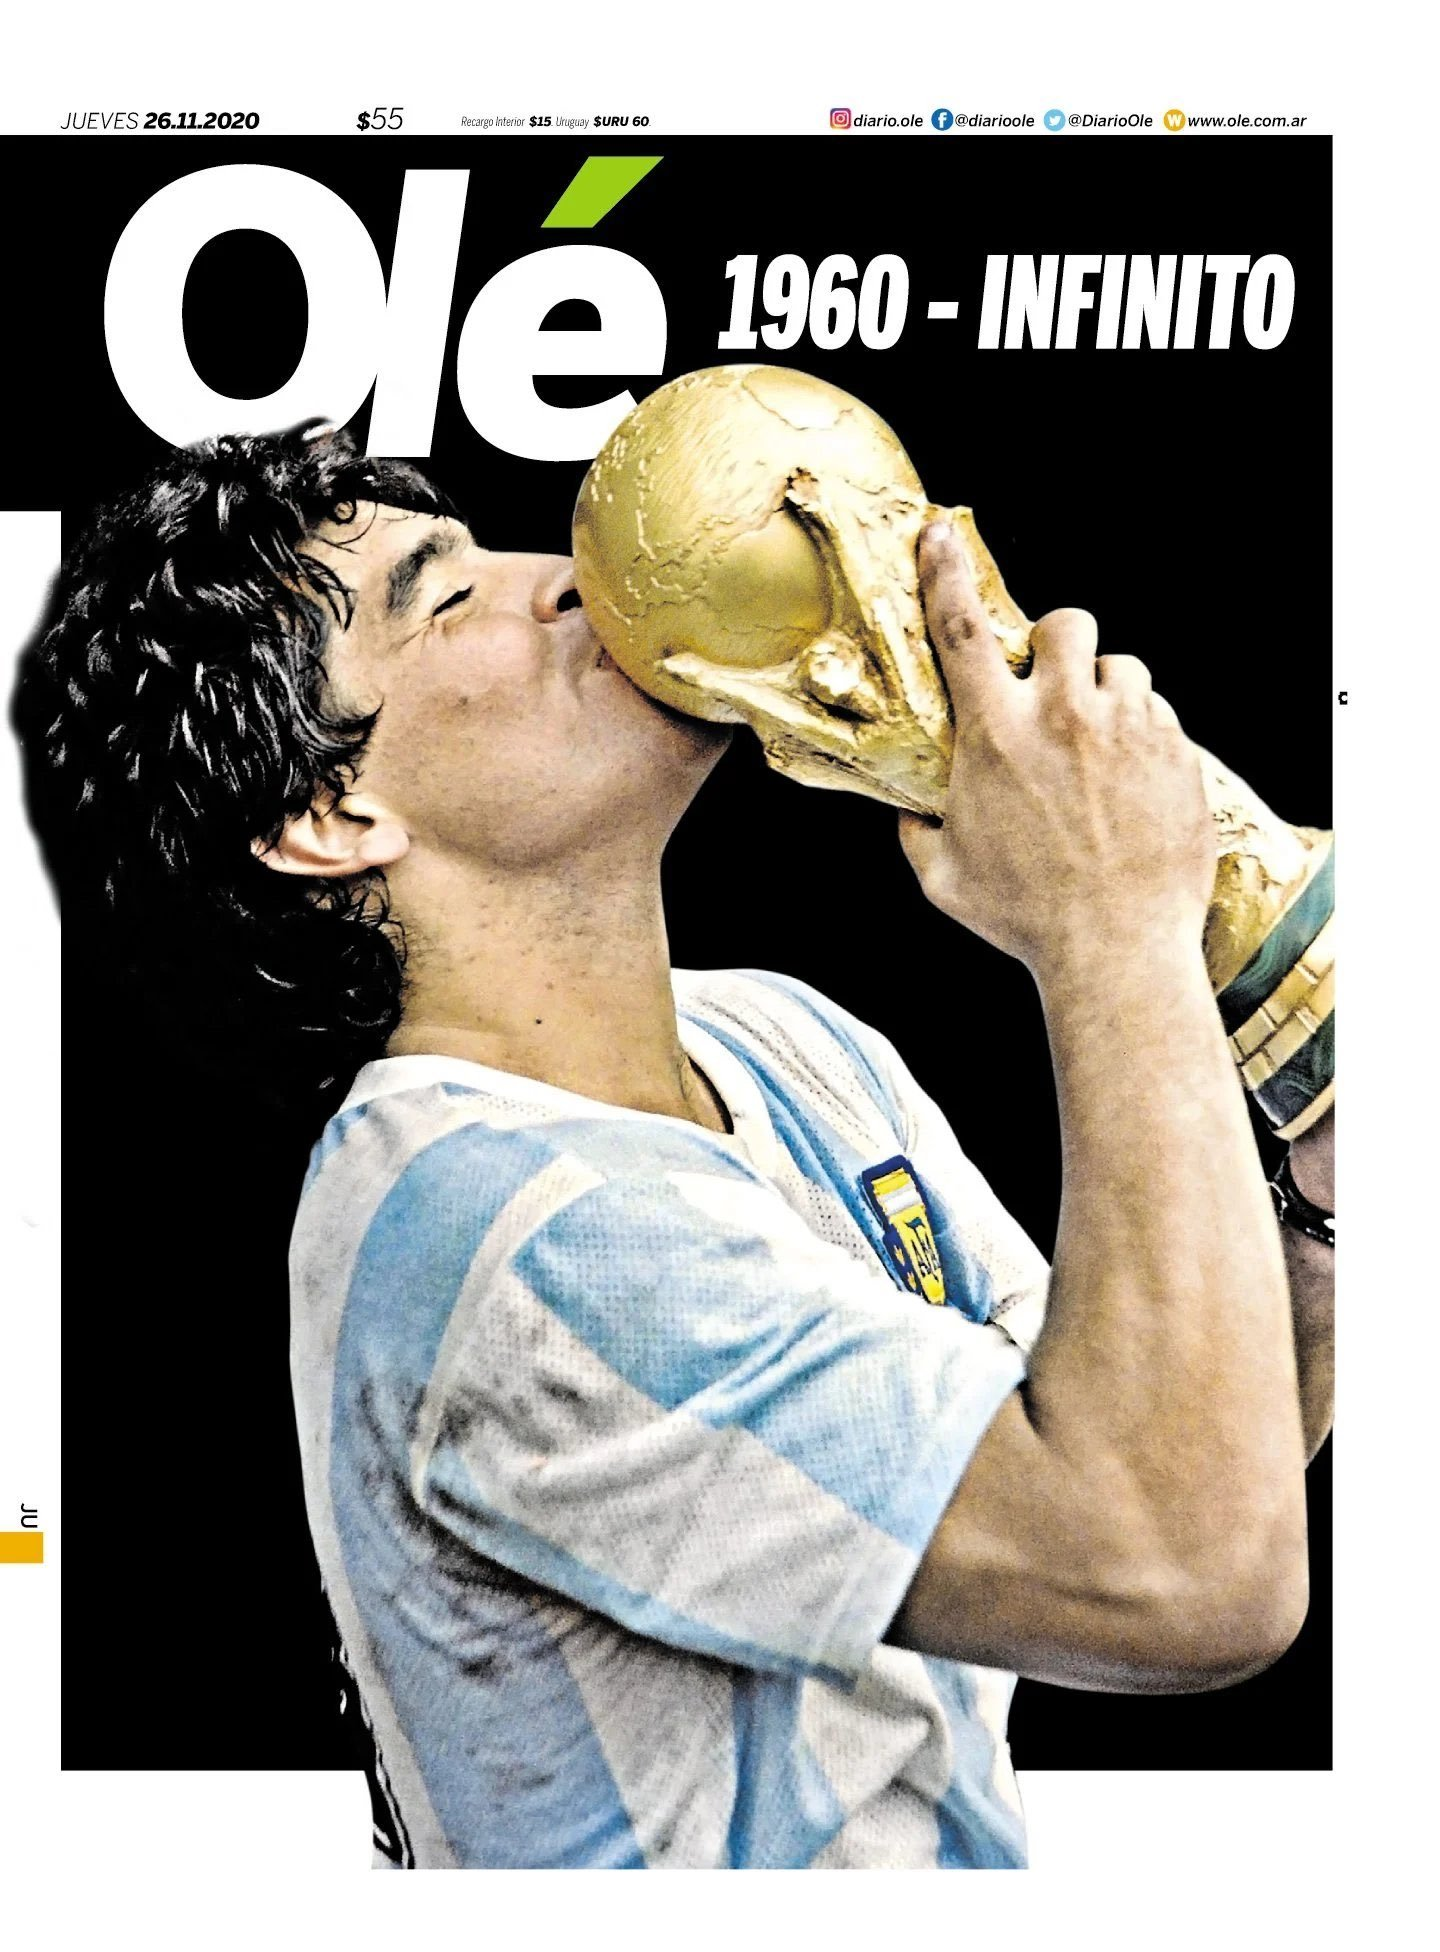 Fallece Diego Armando Maradona al sufrir un paro cardíaco  16063857061950